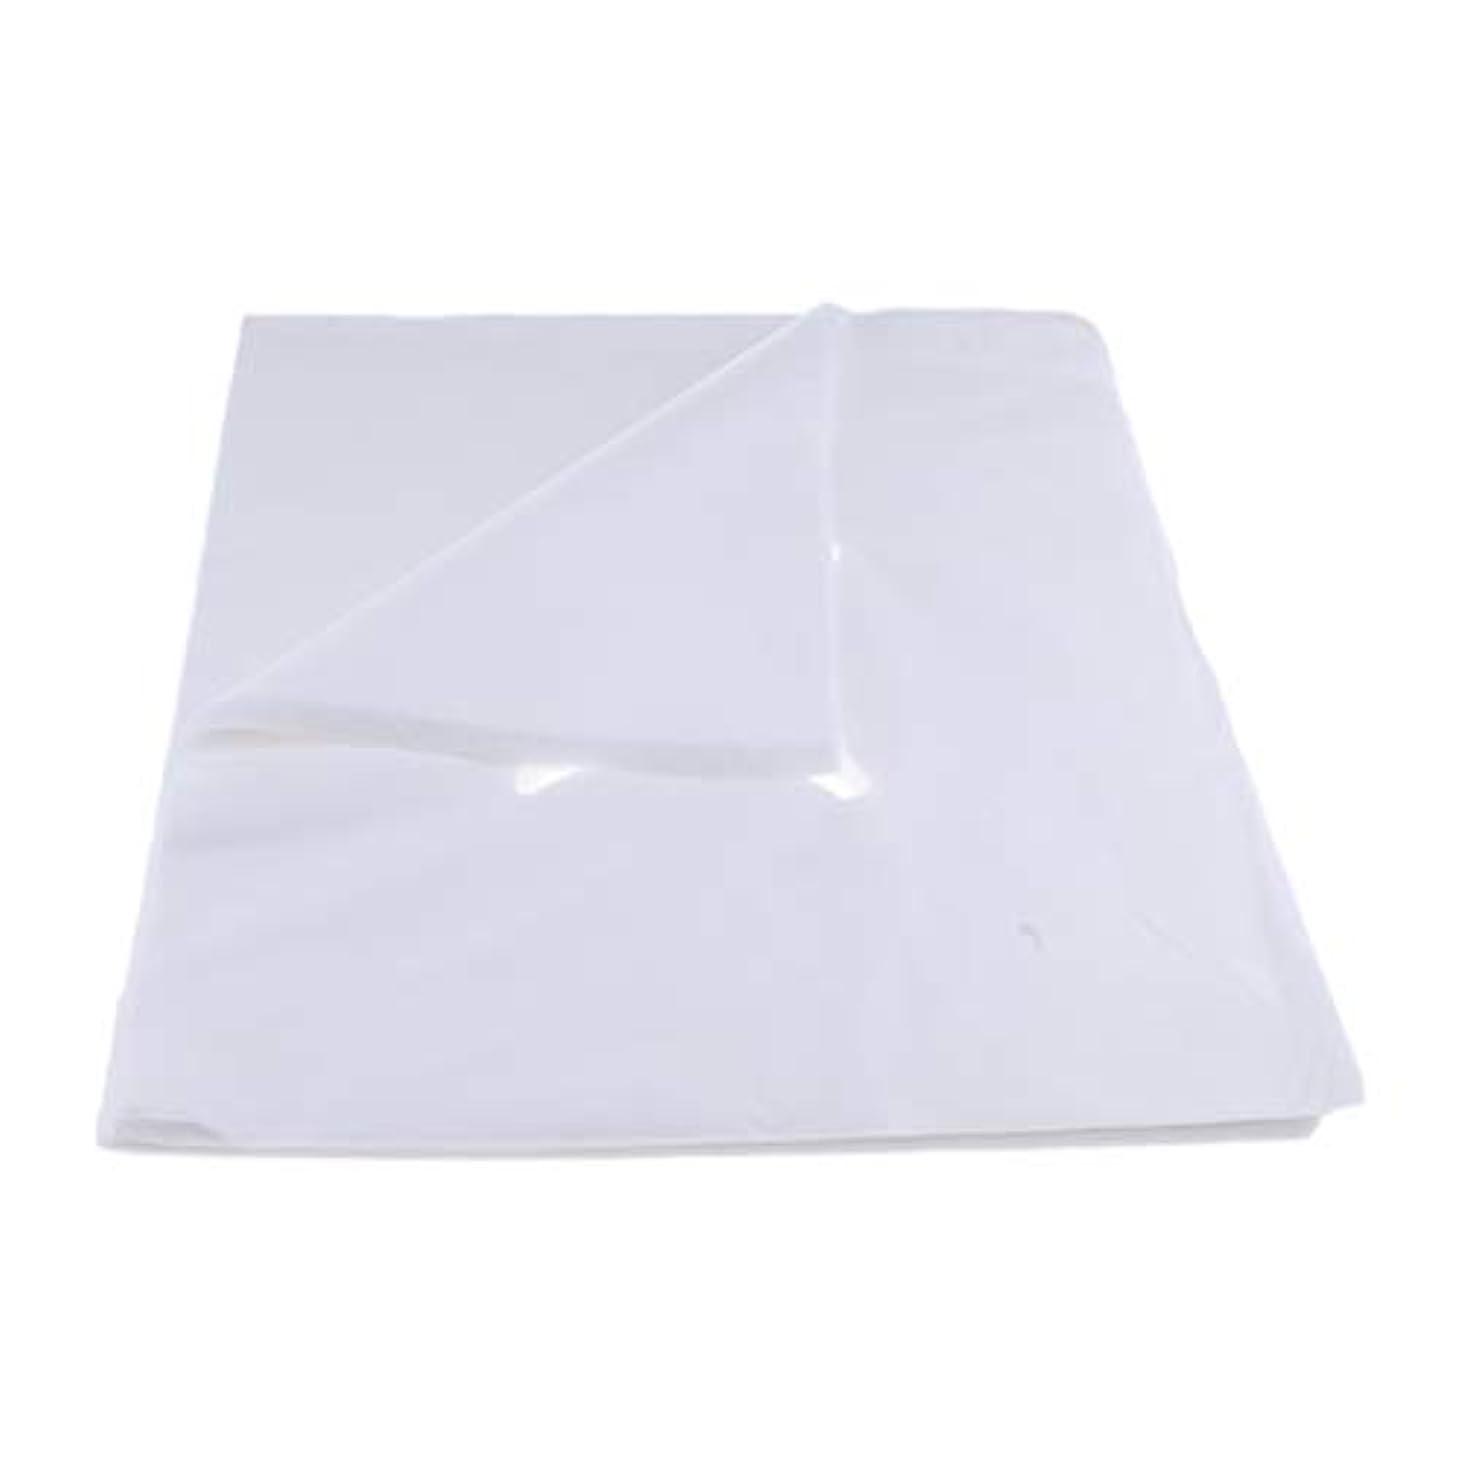 ホイッスル染料領事館200ピース不織布使い捨てマッサージベッドフェイスクレードルクッションシートカバー - L